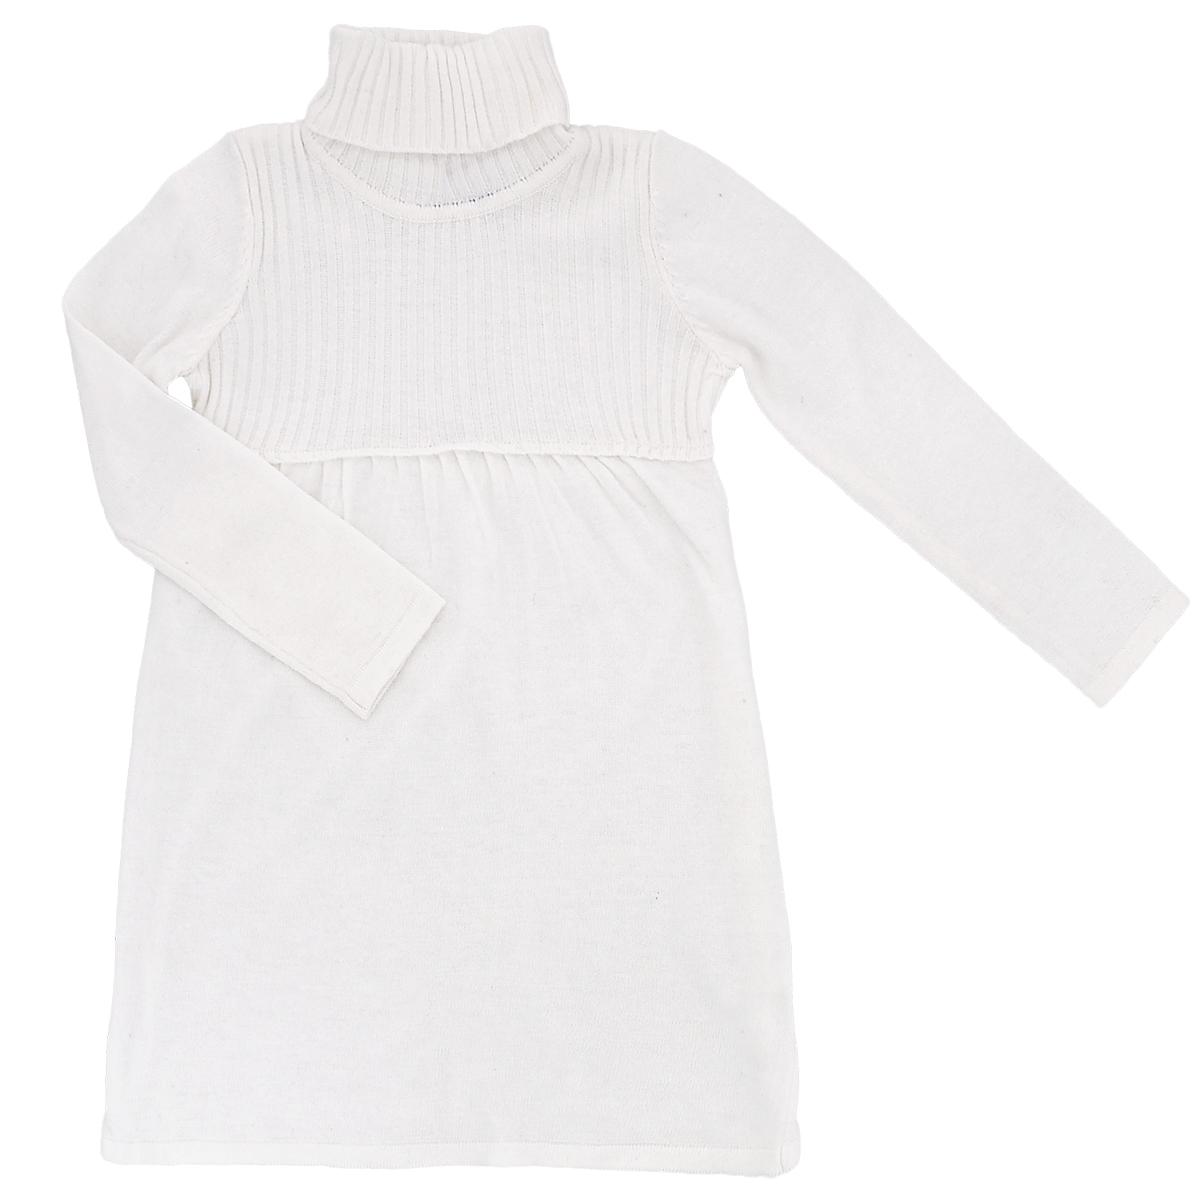 Платье для девочки. 214BBGC040214BBGC040_2Вязаное платье для девочки Button Blue идеально подойдет вашей маленькой принцессе. Изготовленное из сложного состава пряжи с добавлением вискозы, оно необычайно мягкое и приятное на ощупь, не сковывает движения малышки и позволяет коже дышать, не раздражает даже самую нежную и чувствительную кожу ребенка, обеспечивая ему наибольший комфорт. Платье трапециевидного кроя с длинными рукавами и воротником-гольф имеет завышенную талию, что гармонично дополняет образ. Завышенная талия и расклешенная юбка придают романтичный, нарядный образ платью. Верхняя часть платья связана крупной резинкой. Смешанный состав материала позволит ребенку чувствовать себя комфортно. Оригинальный современный дизайн и модная расцветка делают это платье модным и стильным предметом детского гардероба. В нем ваша малышка будет чувствовать себя уютно и комфортно, и всегда будет в центре внимания!